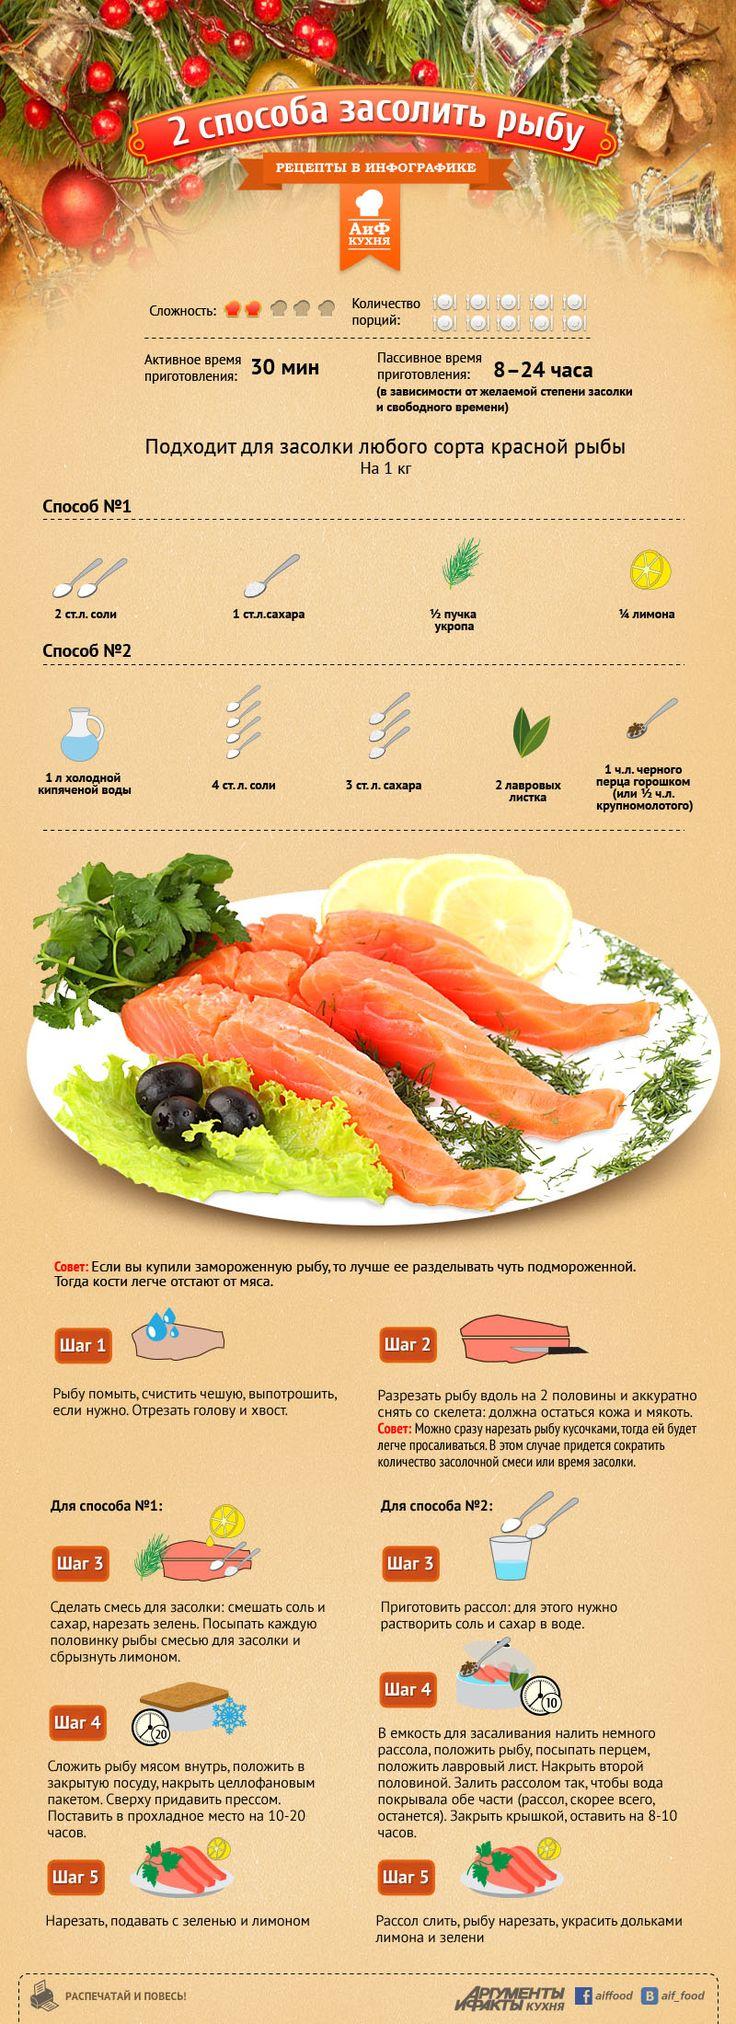 Два способа засолить рыбу - Кухня - Аргументы и Факты